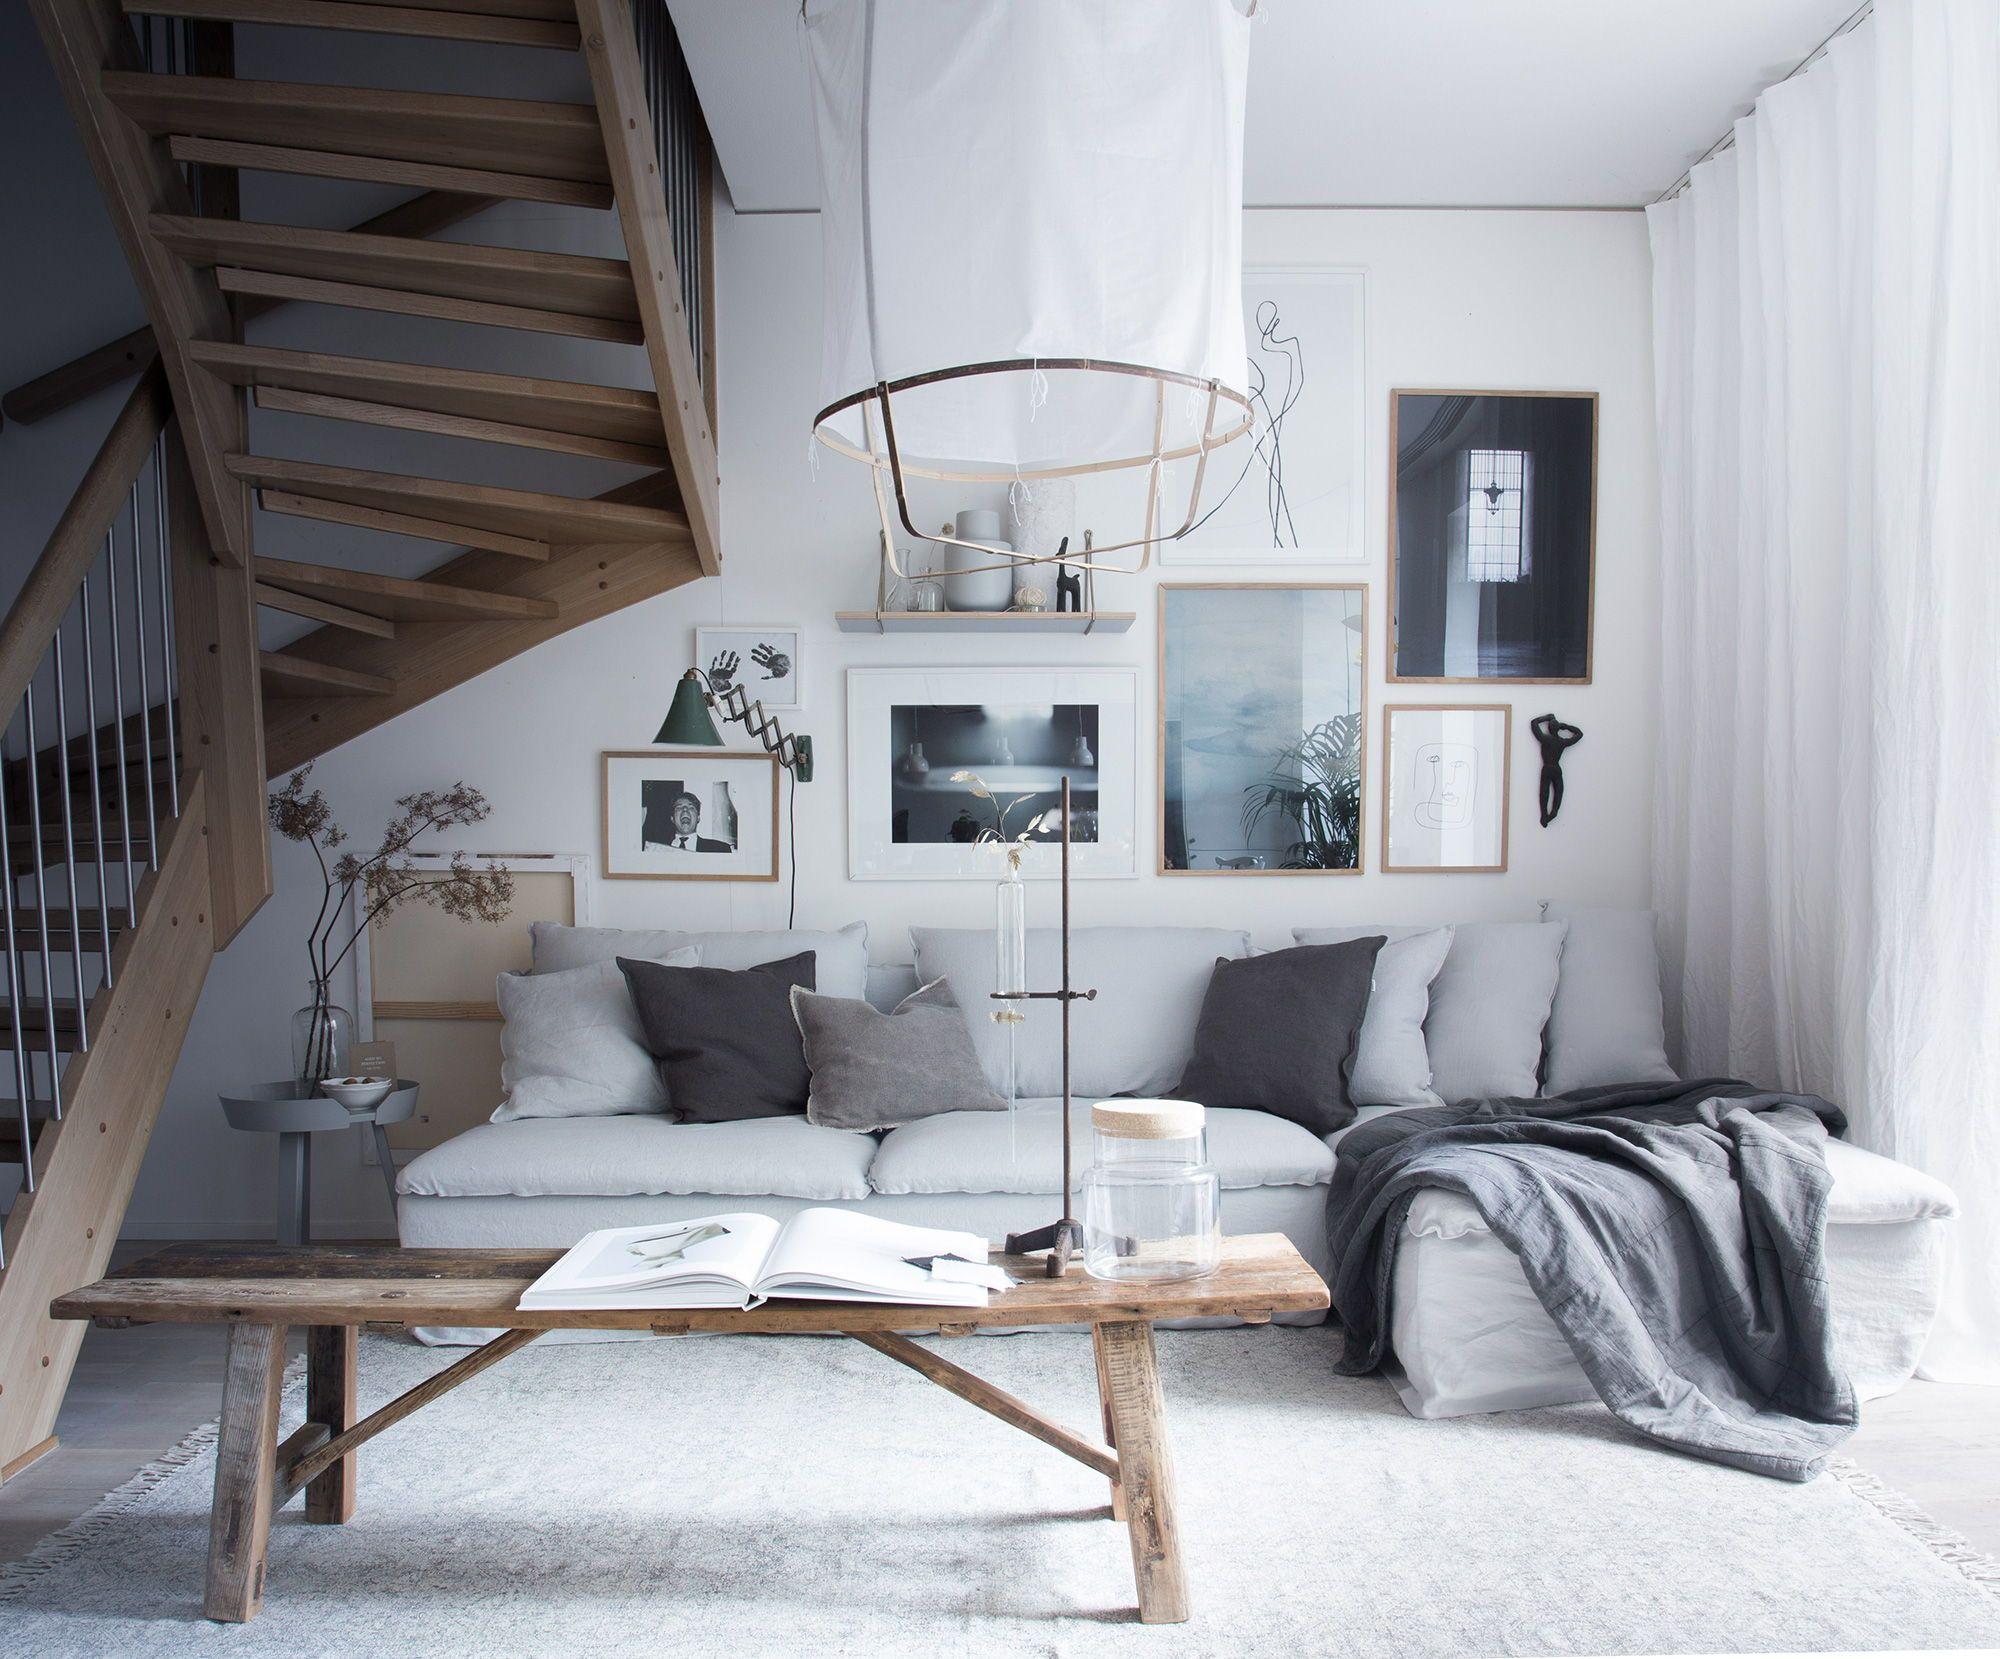 My Scandinavian Homeu0027s stunning layered yet minimalist